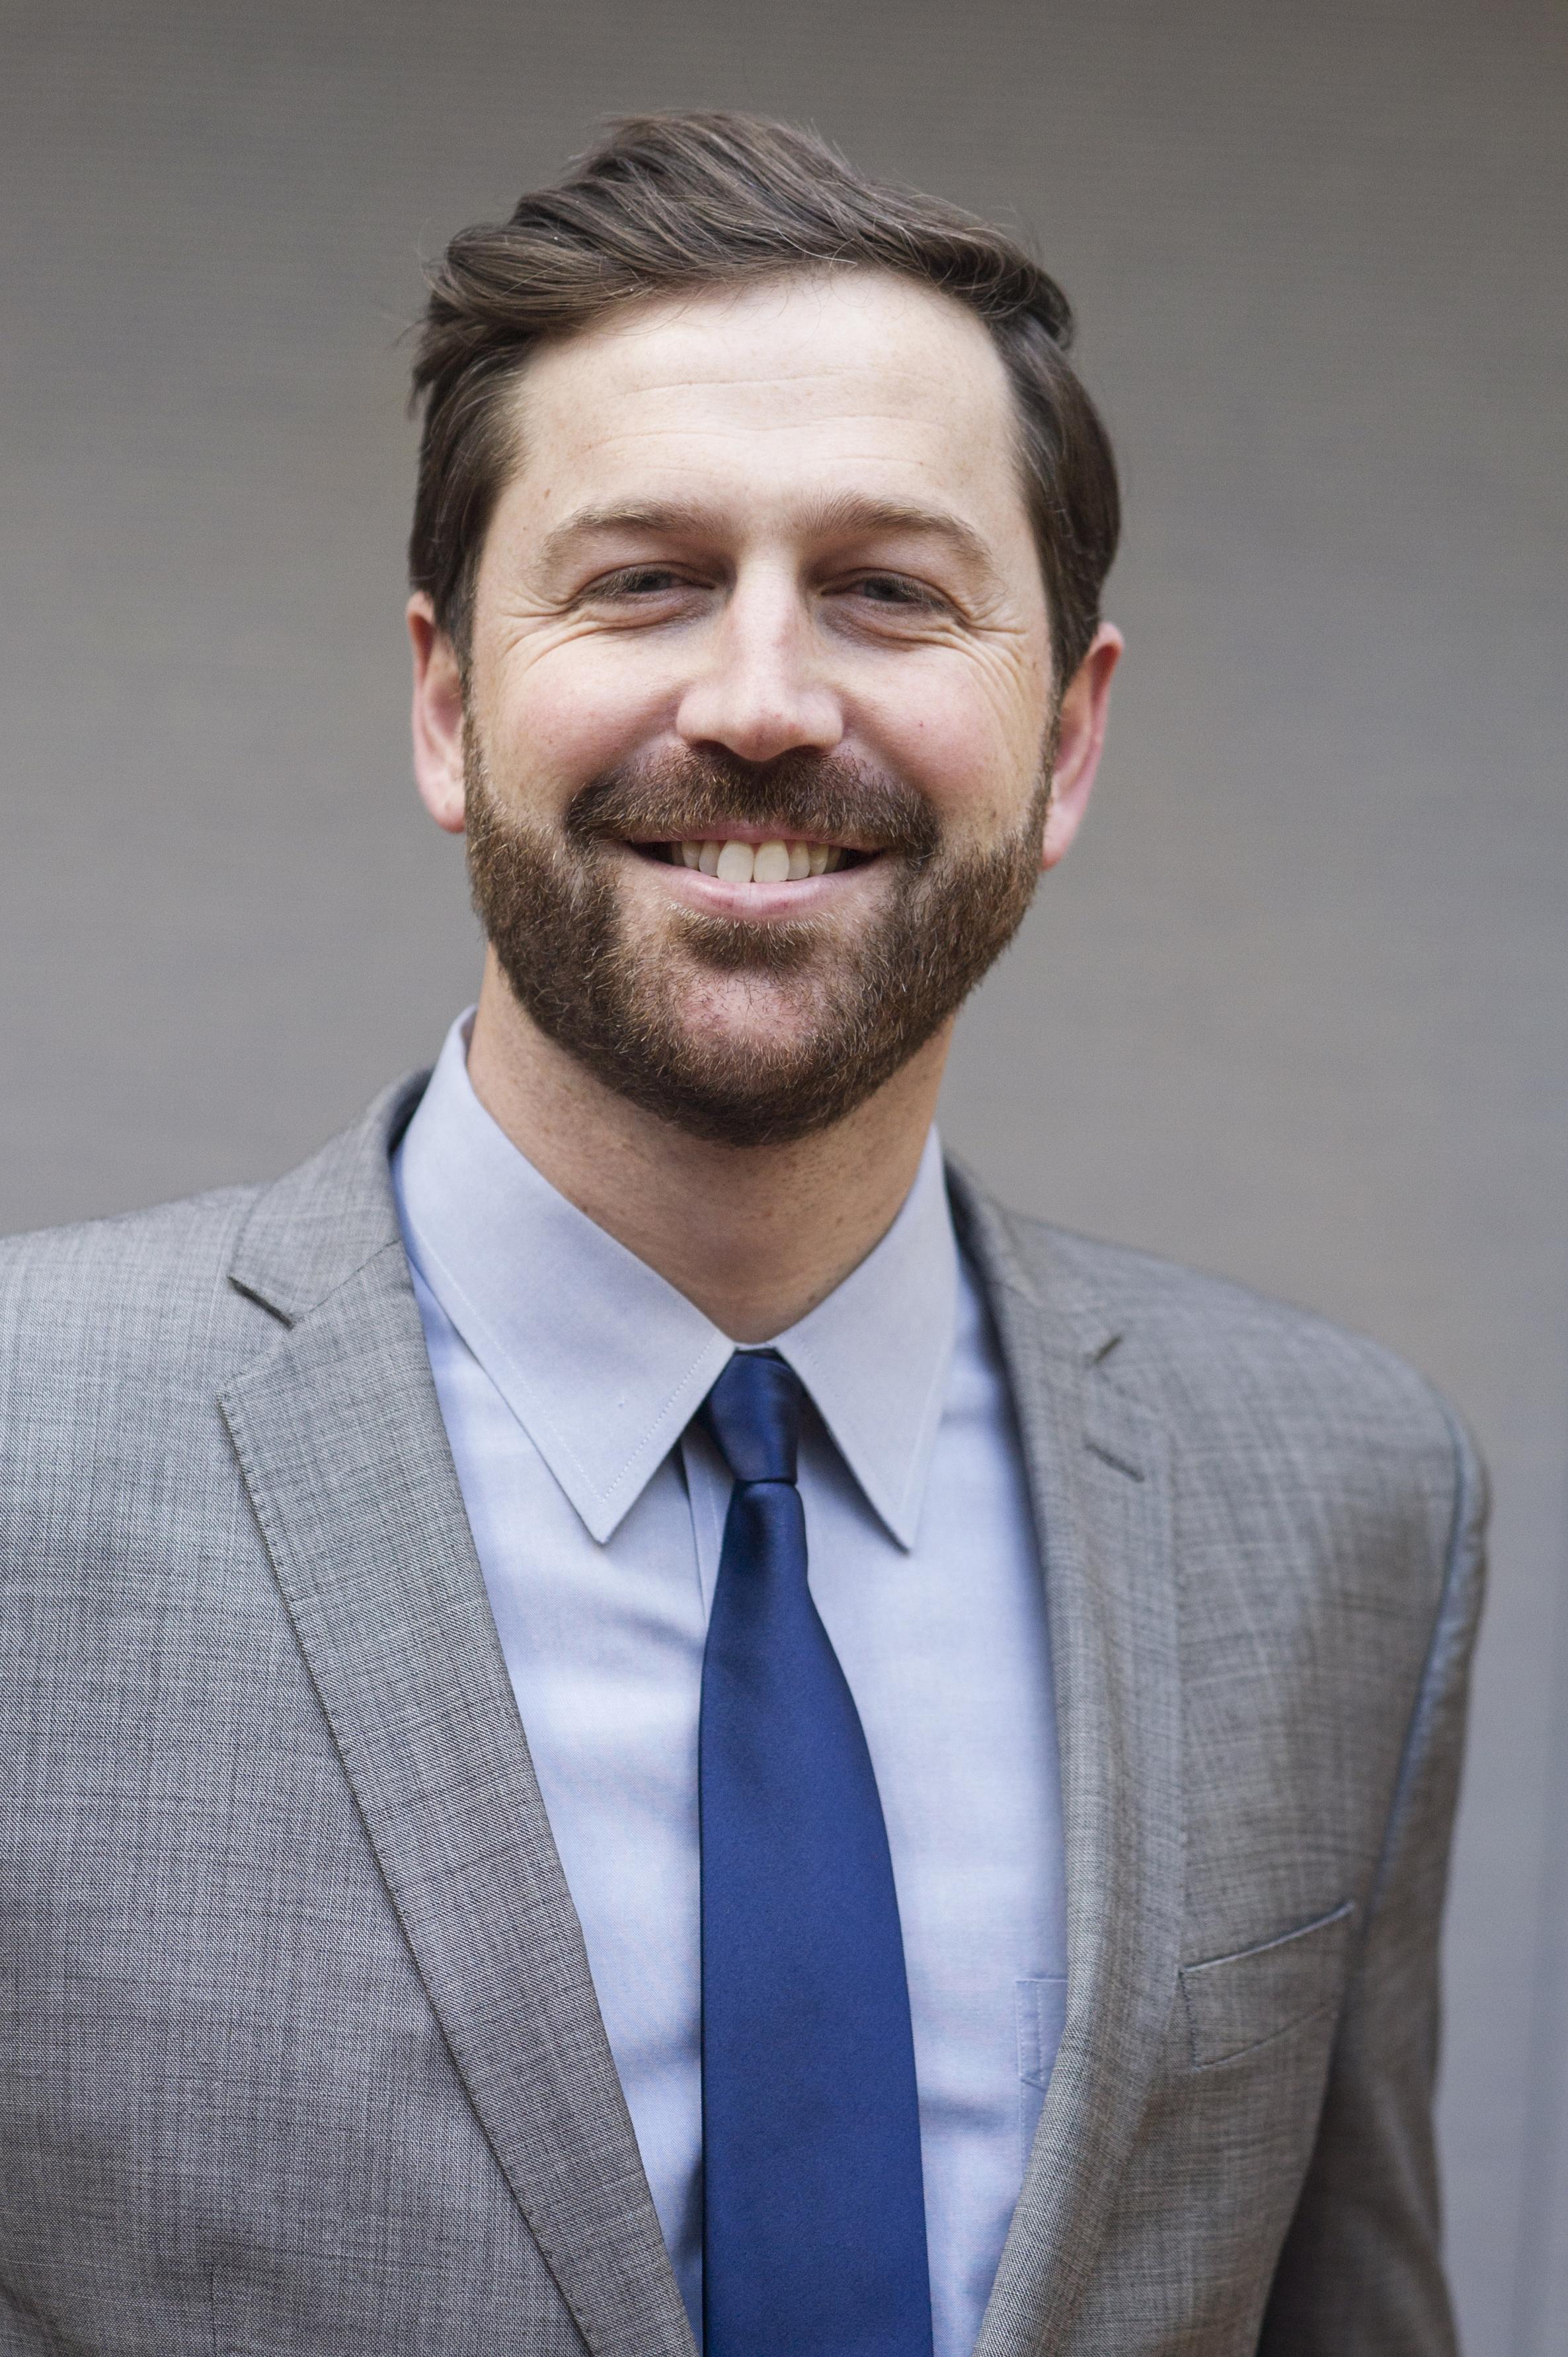 Theo Kalionzes, MacArthur Foundation